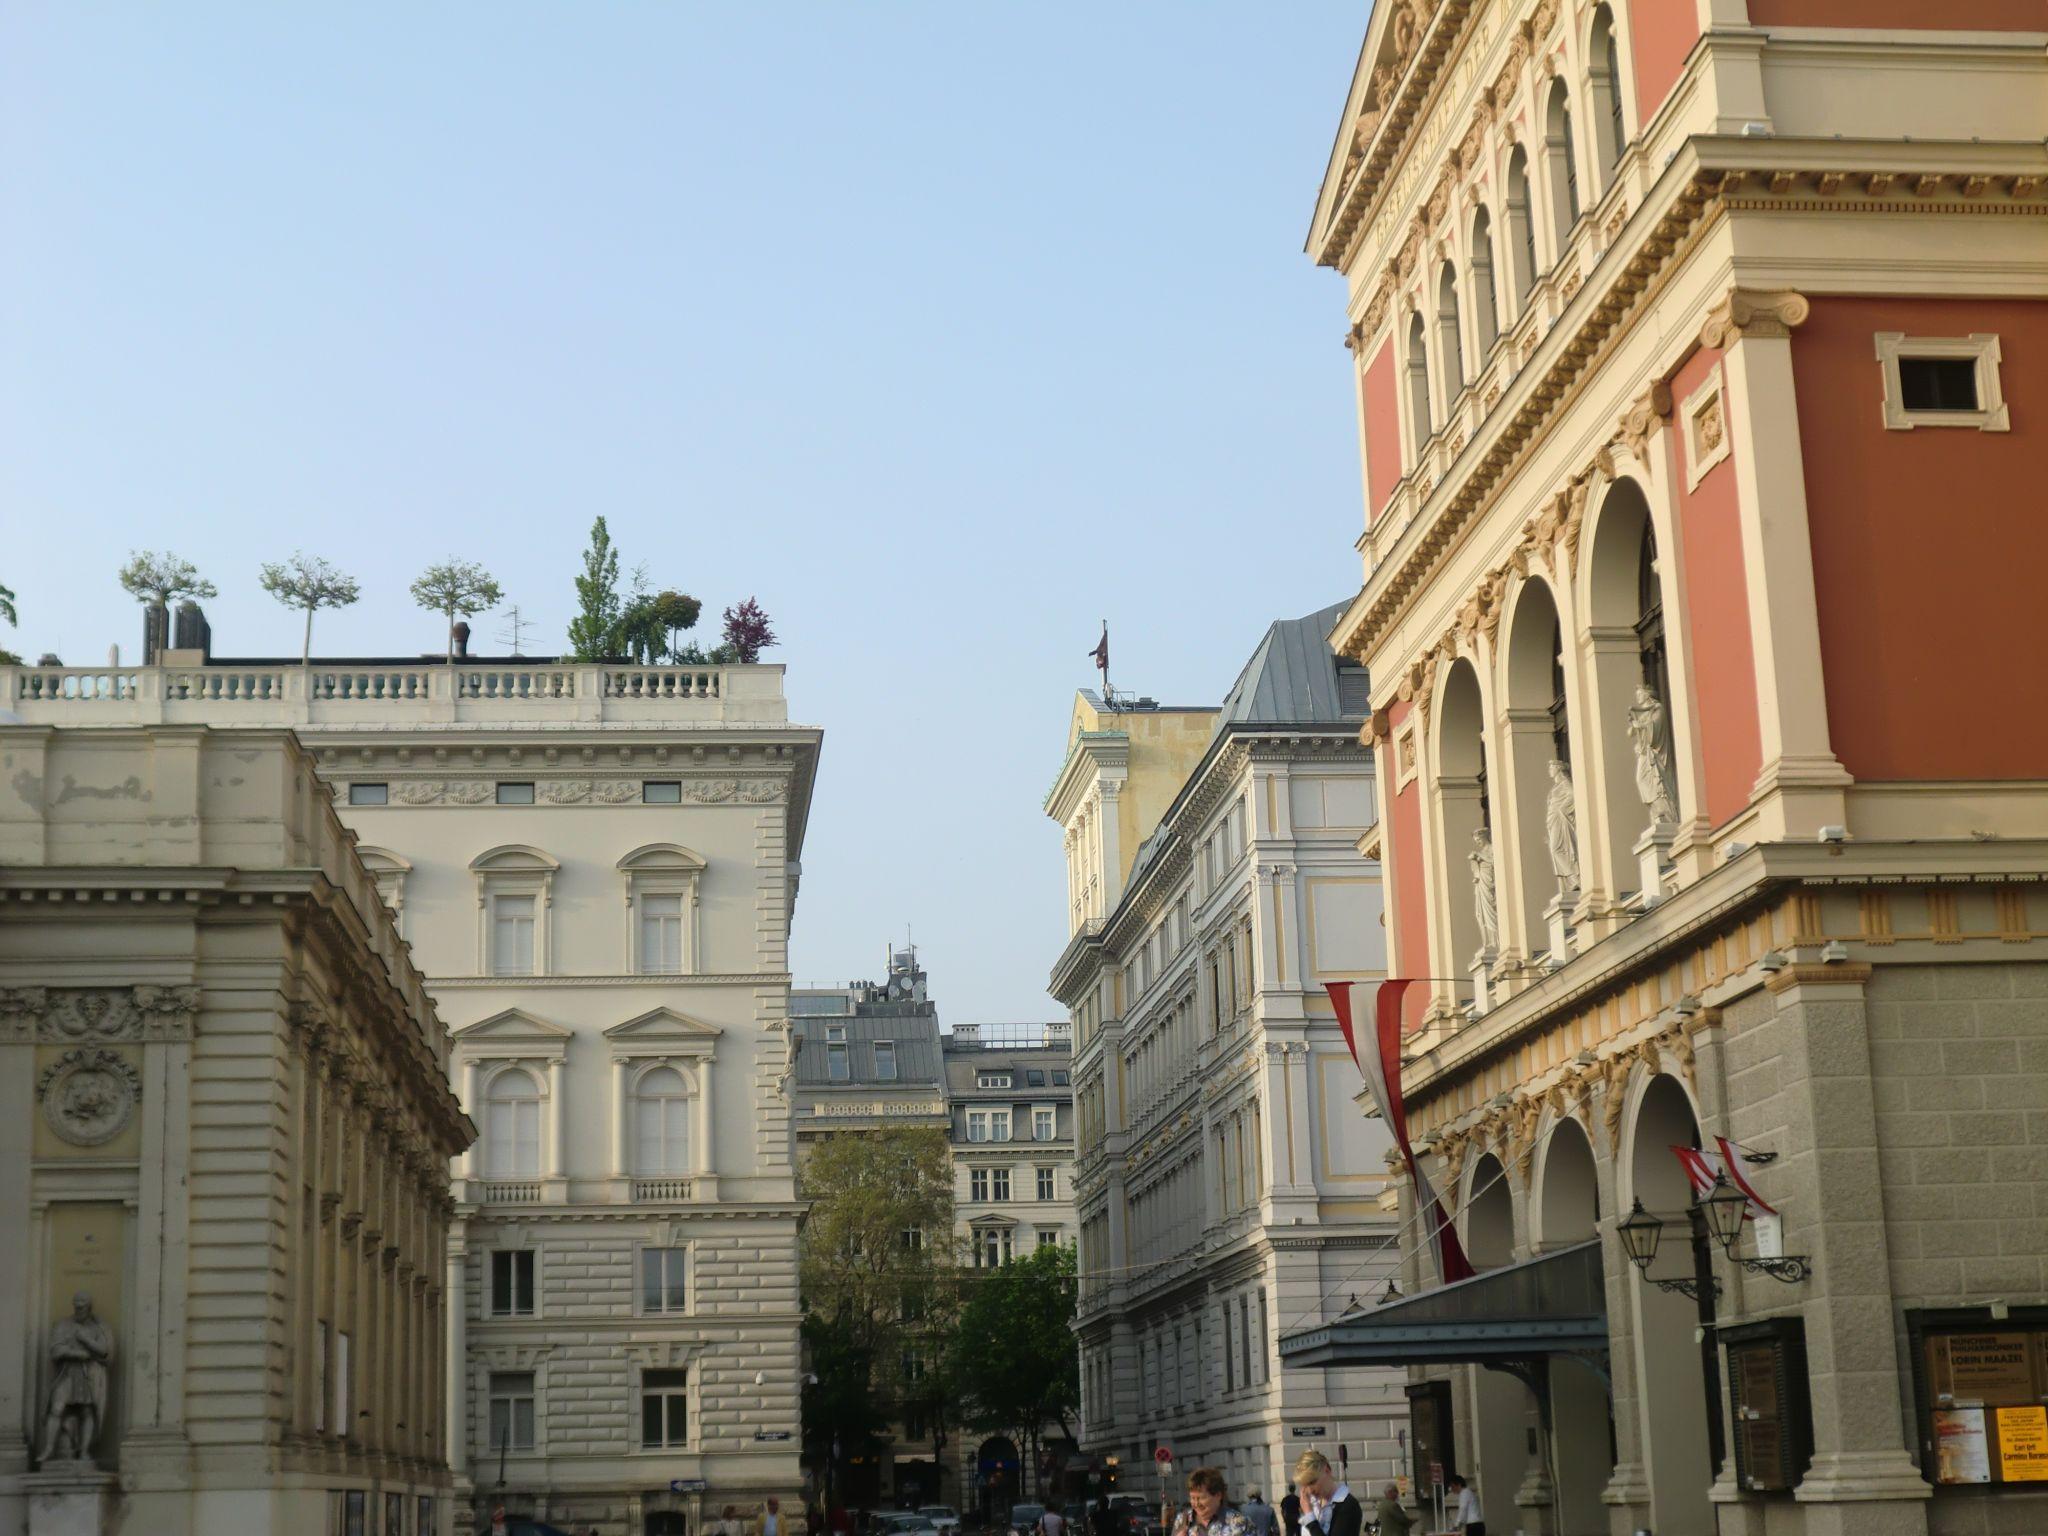 Vienna Opera 12 1440x1080 - Vienna: elegant beauty